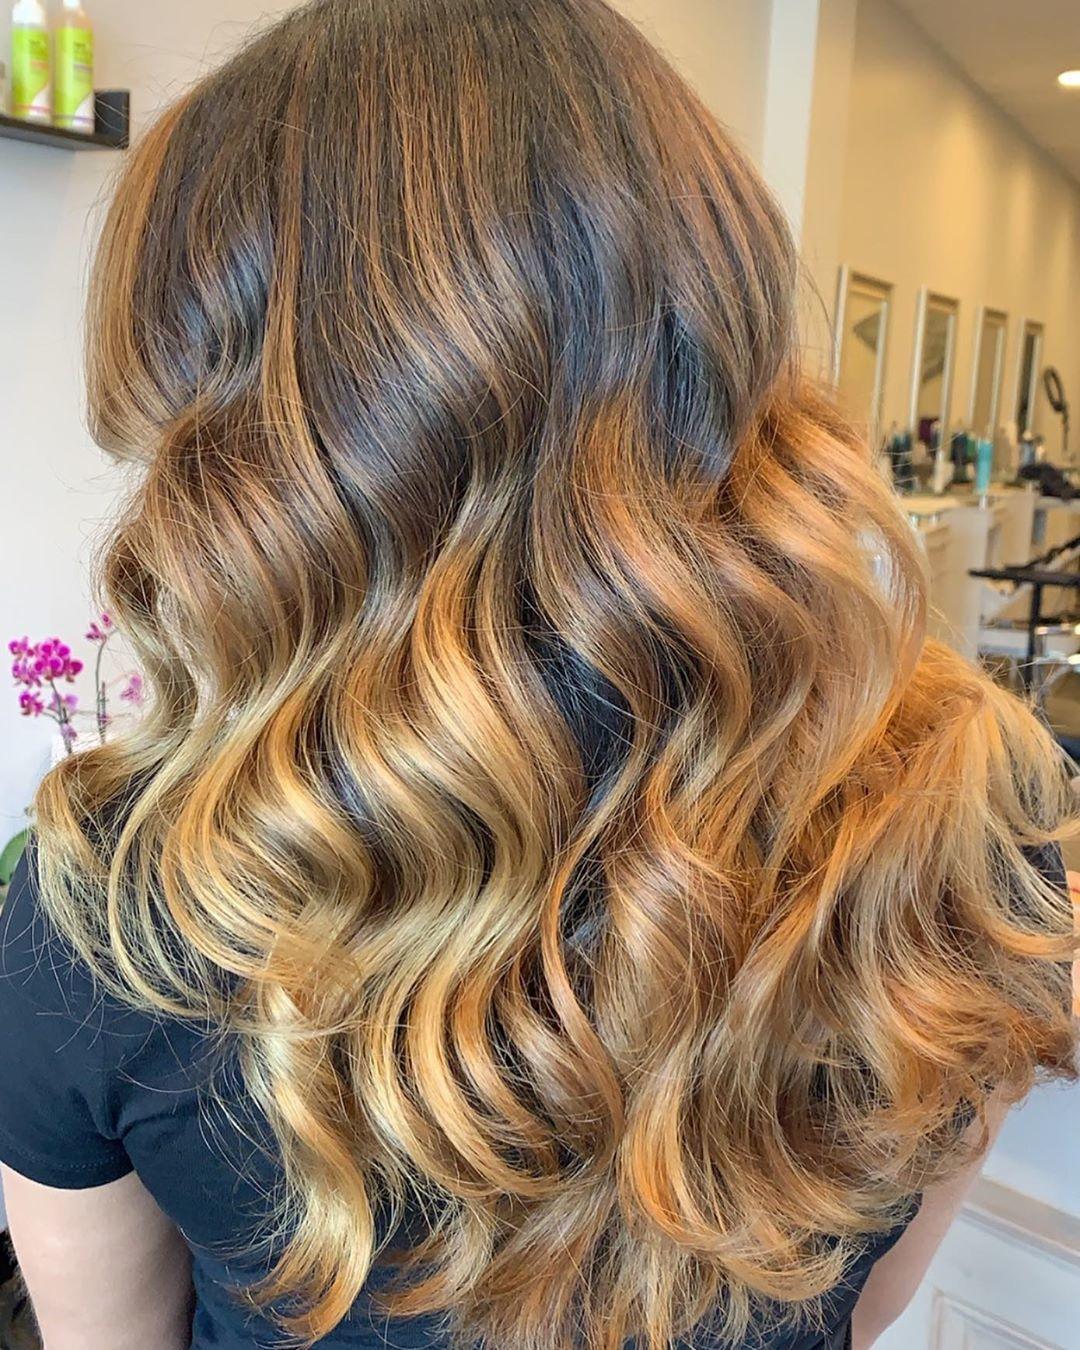 Femme avec des cheveux longs, ondulés, caramel et blond miel.